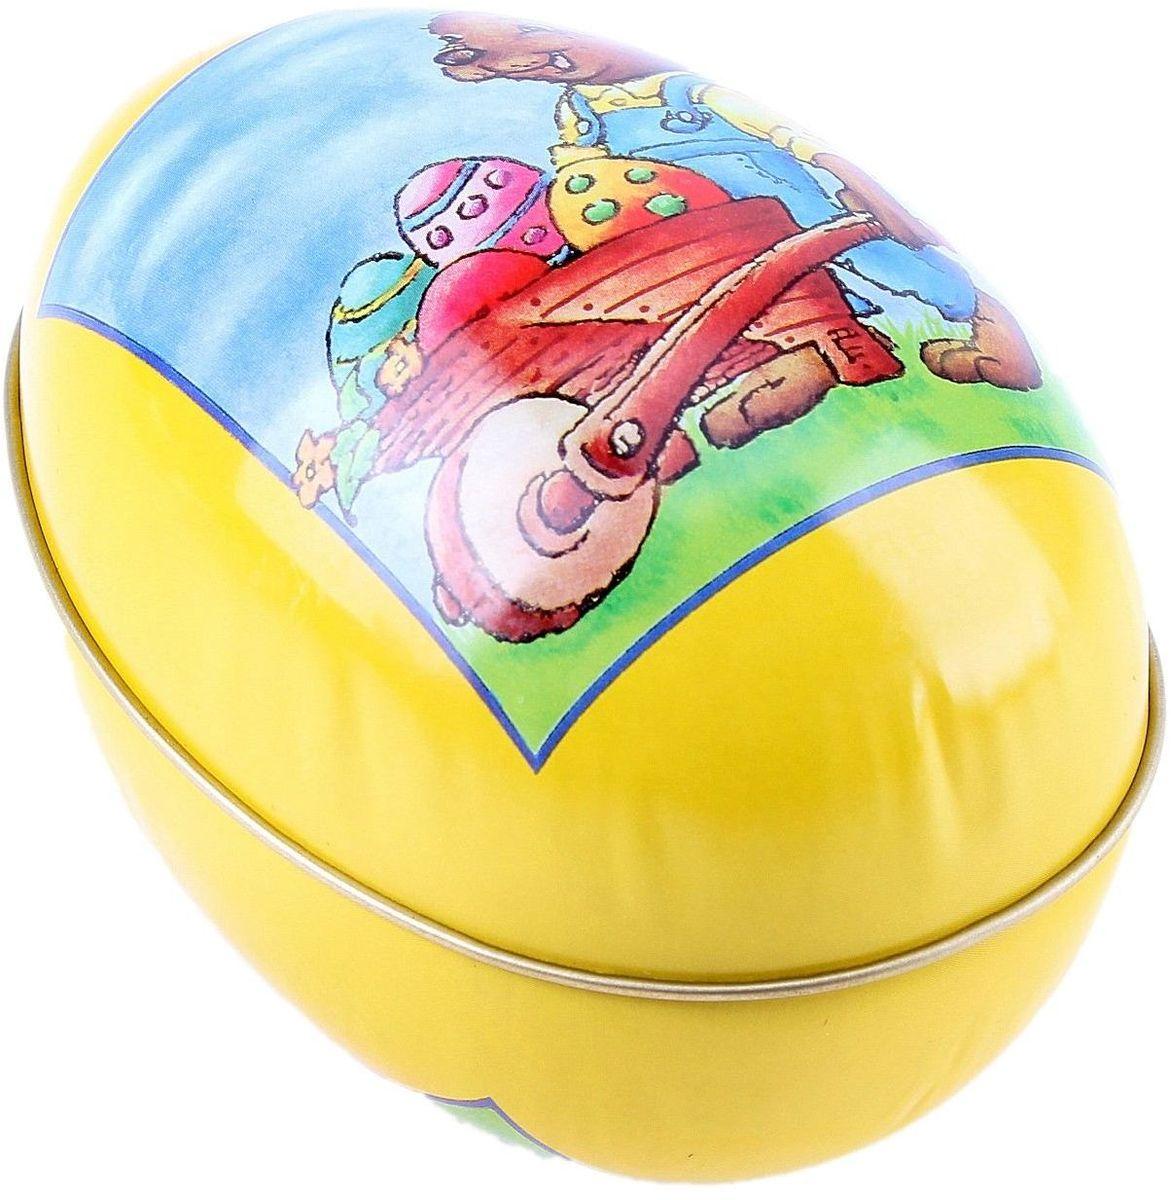 Шкатулка-яйцо Sima-landПасха. Зайчик с тележкой яиц, 12,2 х 8 см117631Пасхальное яйцо - символ жизни и возрождения, ведь именно в Пасху традиционно дарят крашеные или расписные яйца. А в такую забавную шкатулочку можно положить одно из таких яиц и преподнести своему самому родному и близкому человеку, такой презент никогда не забудется, и будет отличаться от других поздравлений.